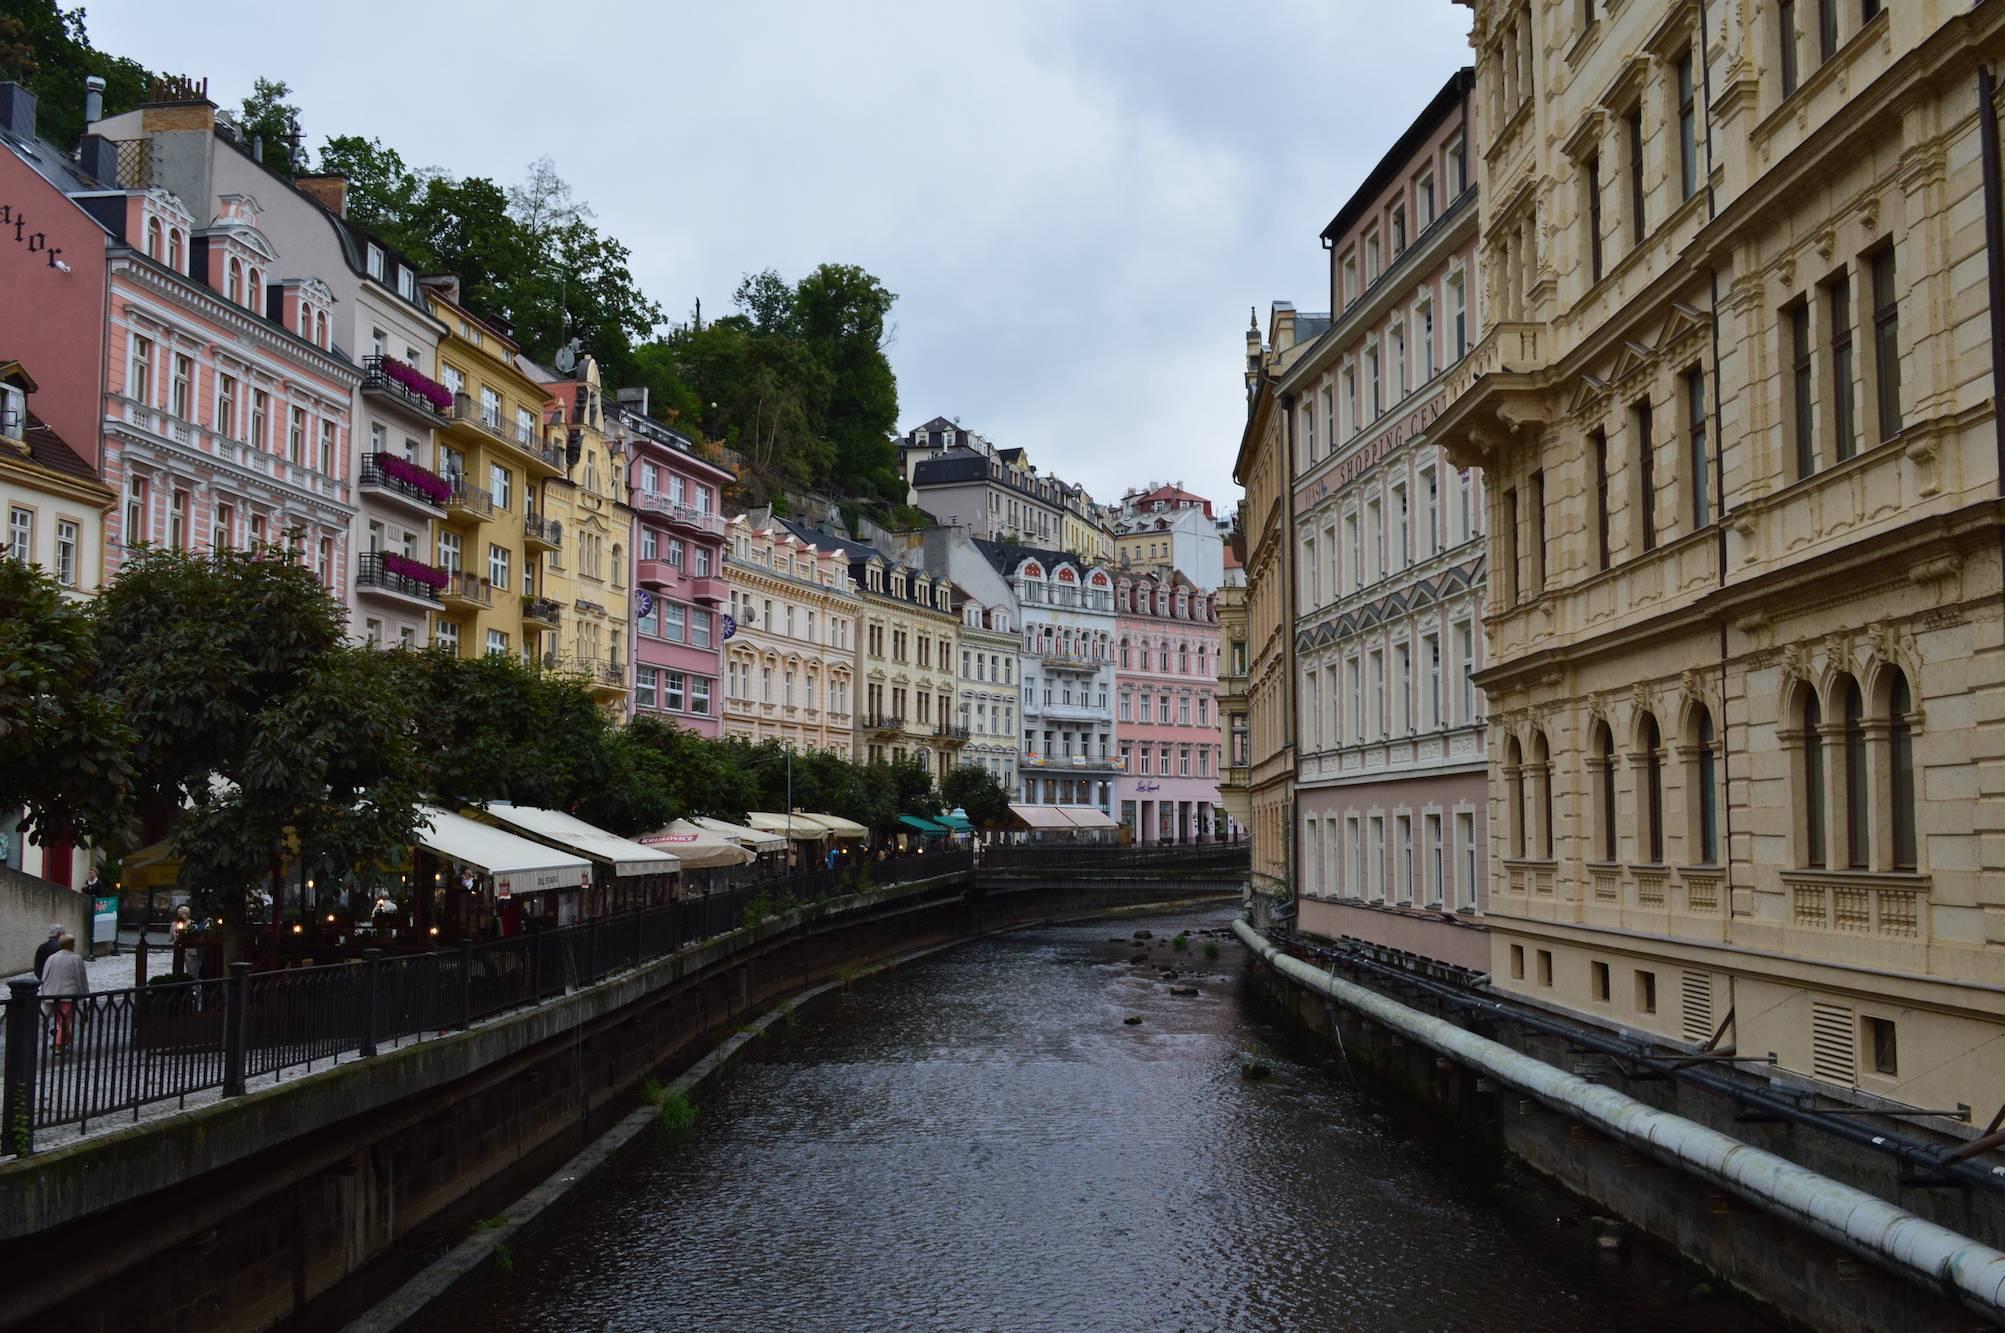 Прага – карловы вары: как добраться туристу? 6 разных способов